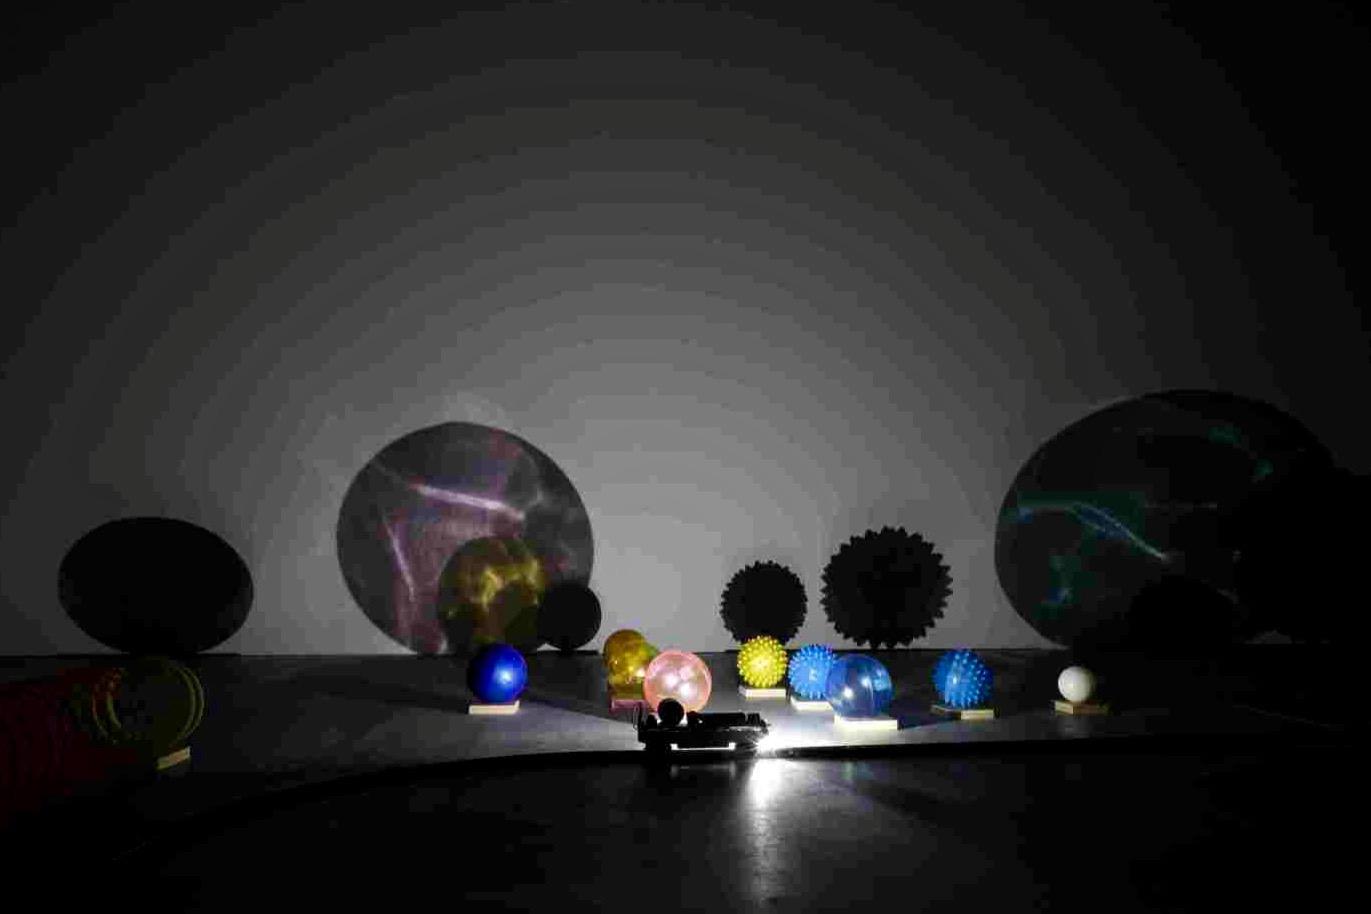 Medienkunst aus Japan: Ausstellung im Rahmen des emaf